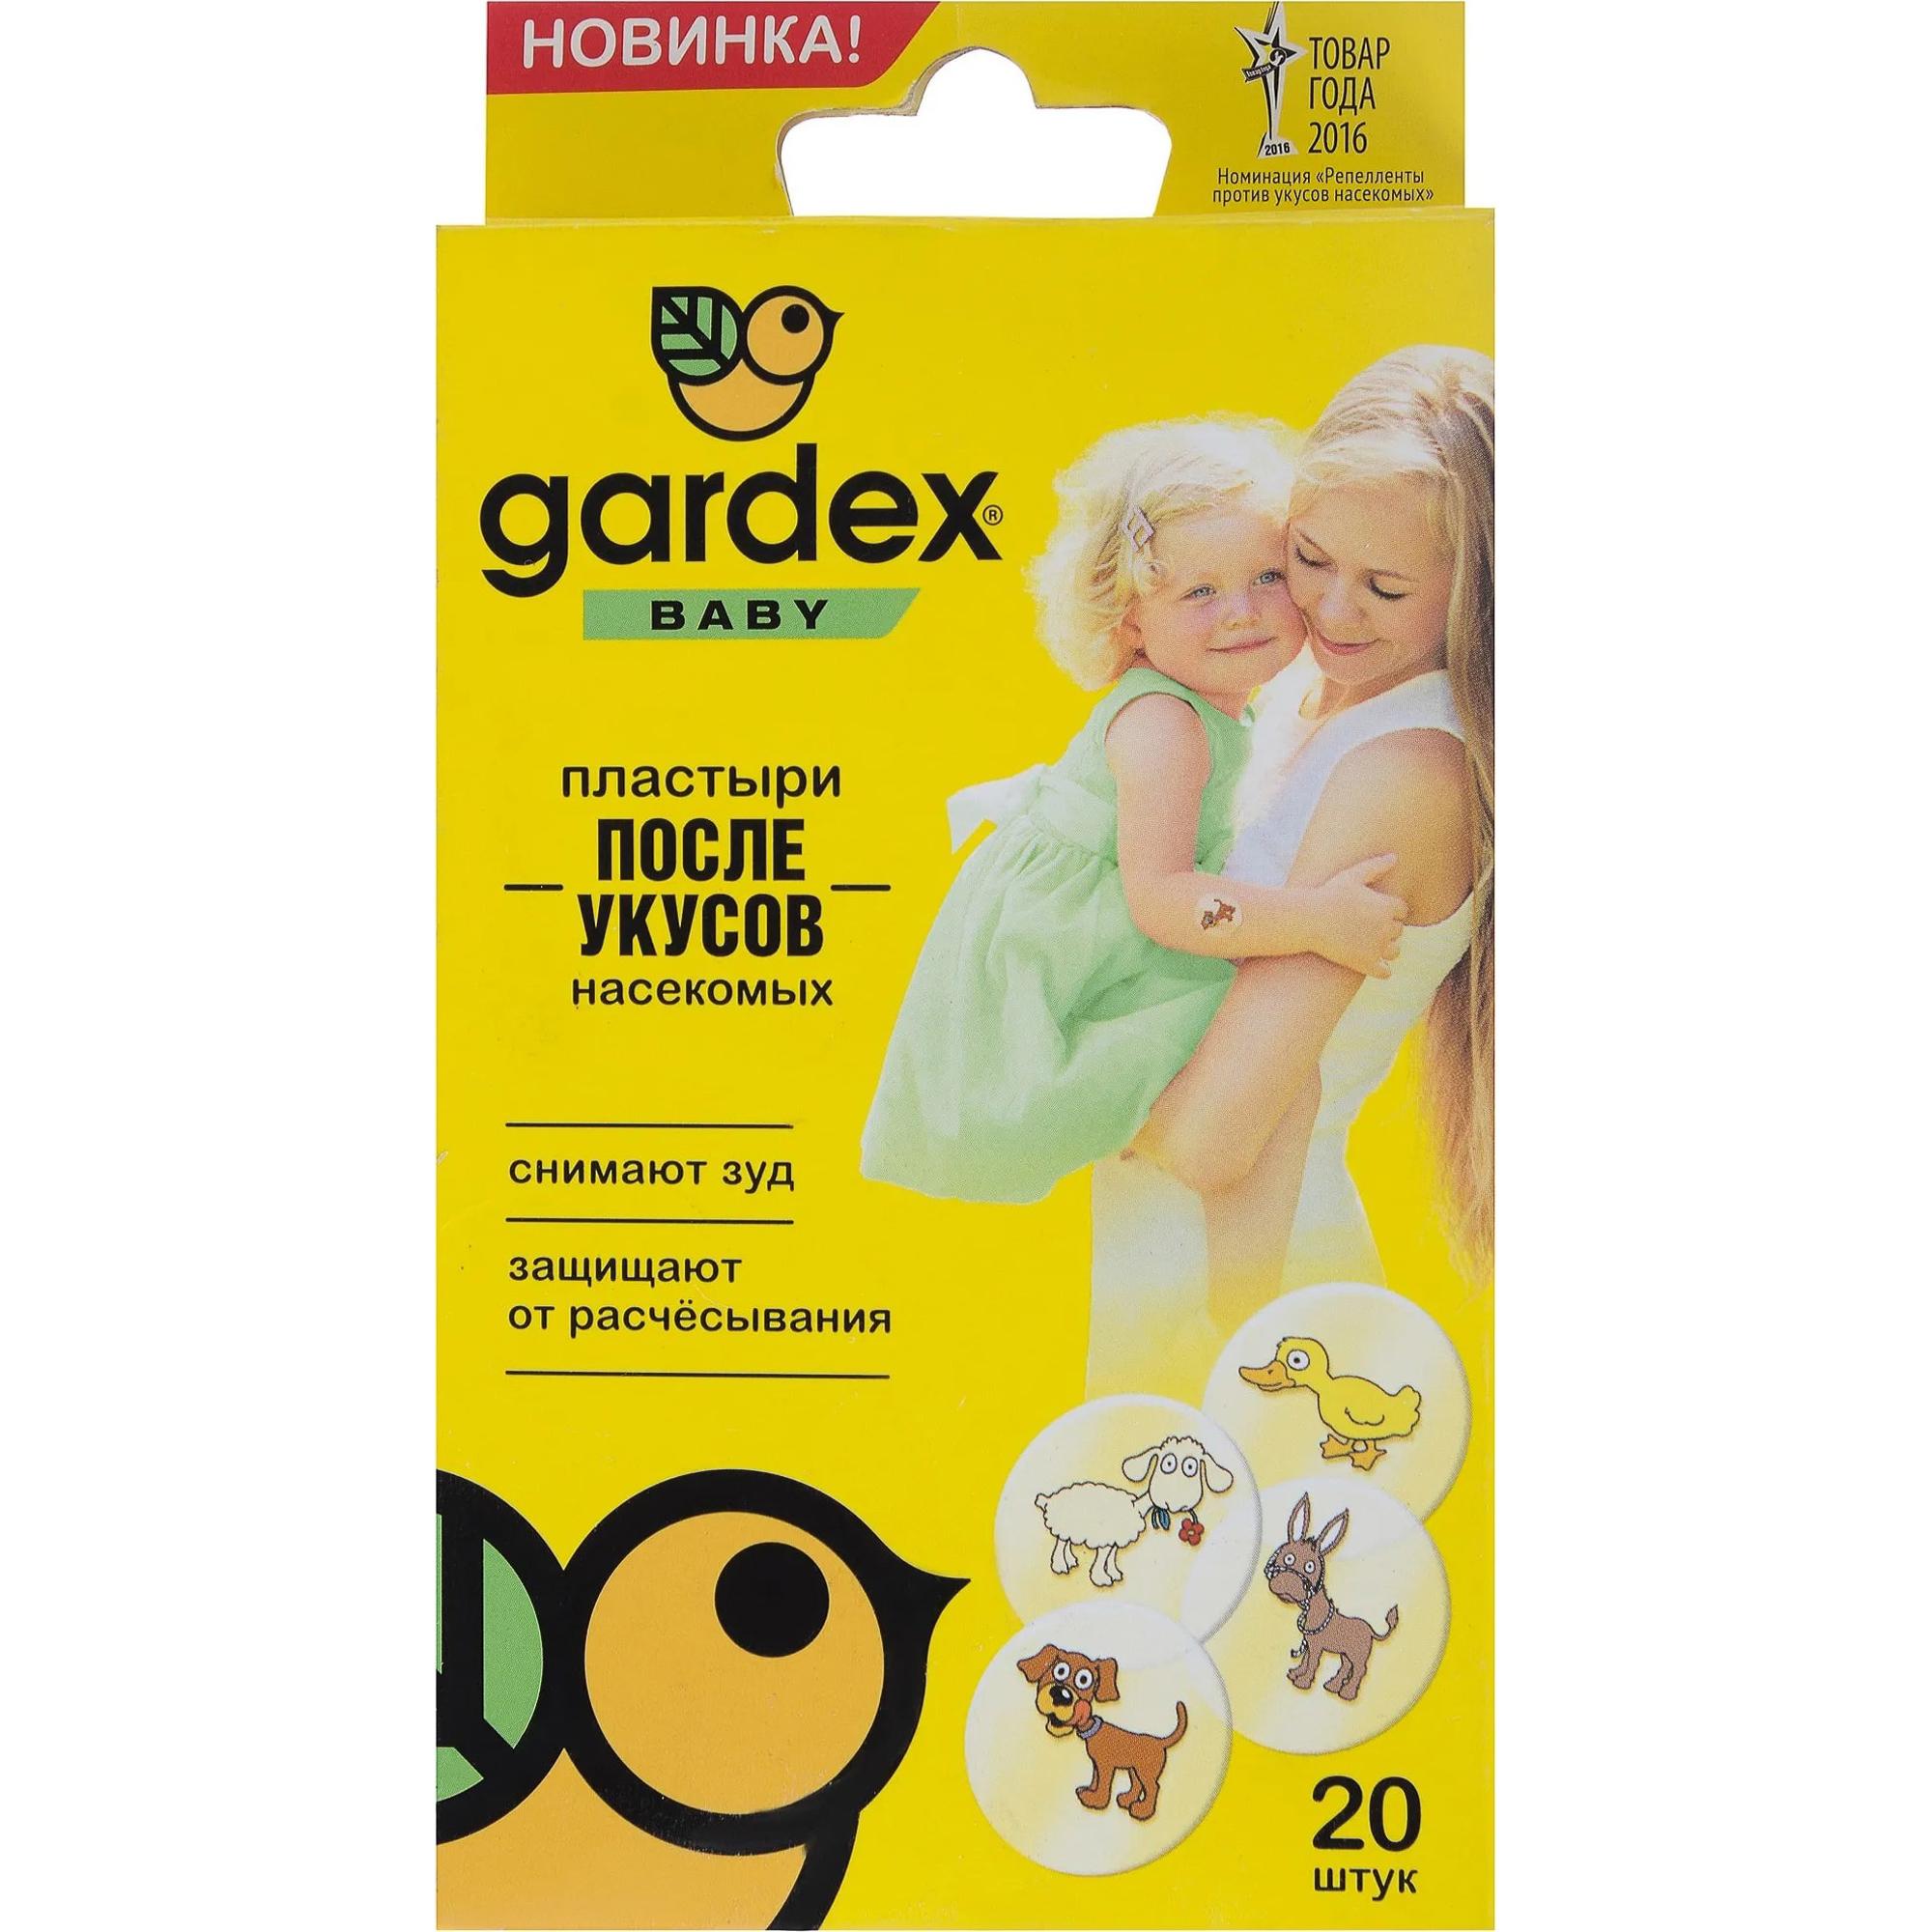 Пластыри после укусов насекомых Gardex Baby 20 шт.